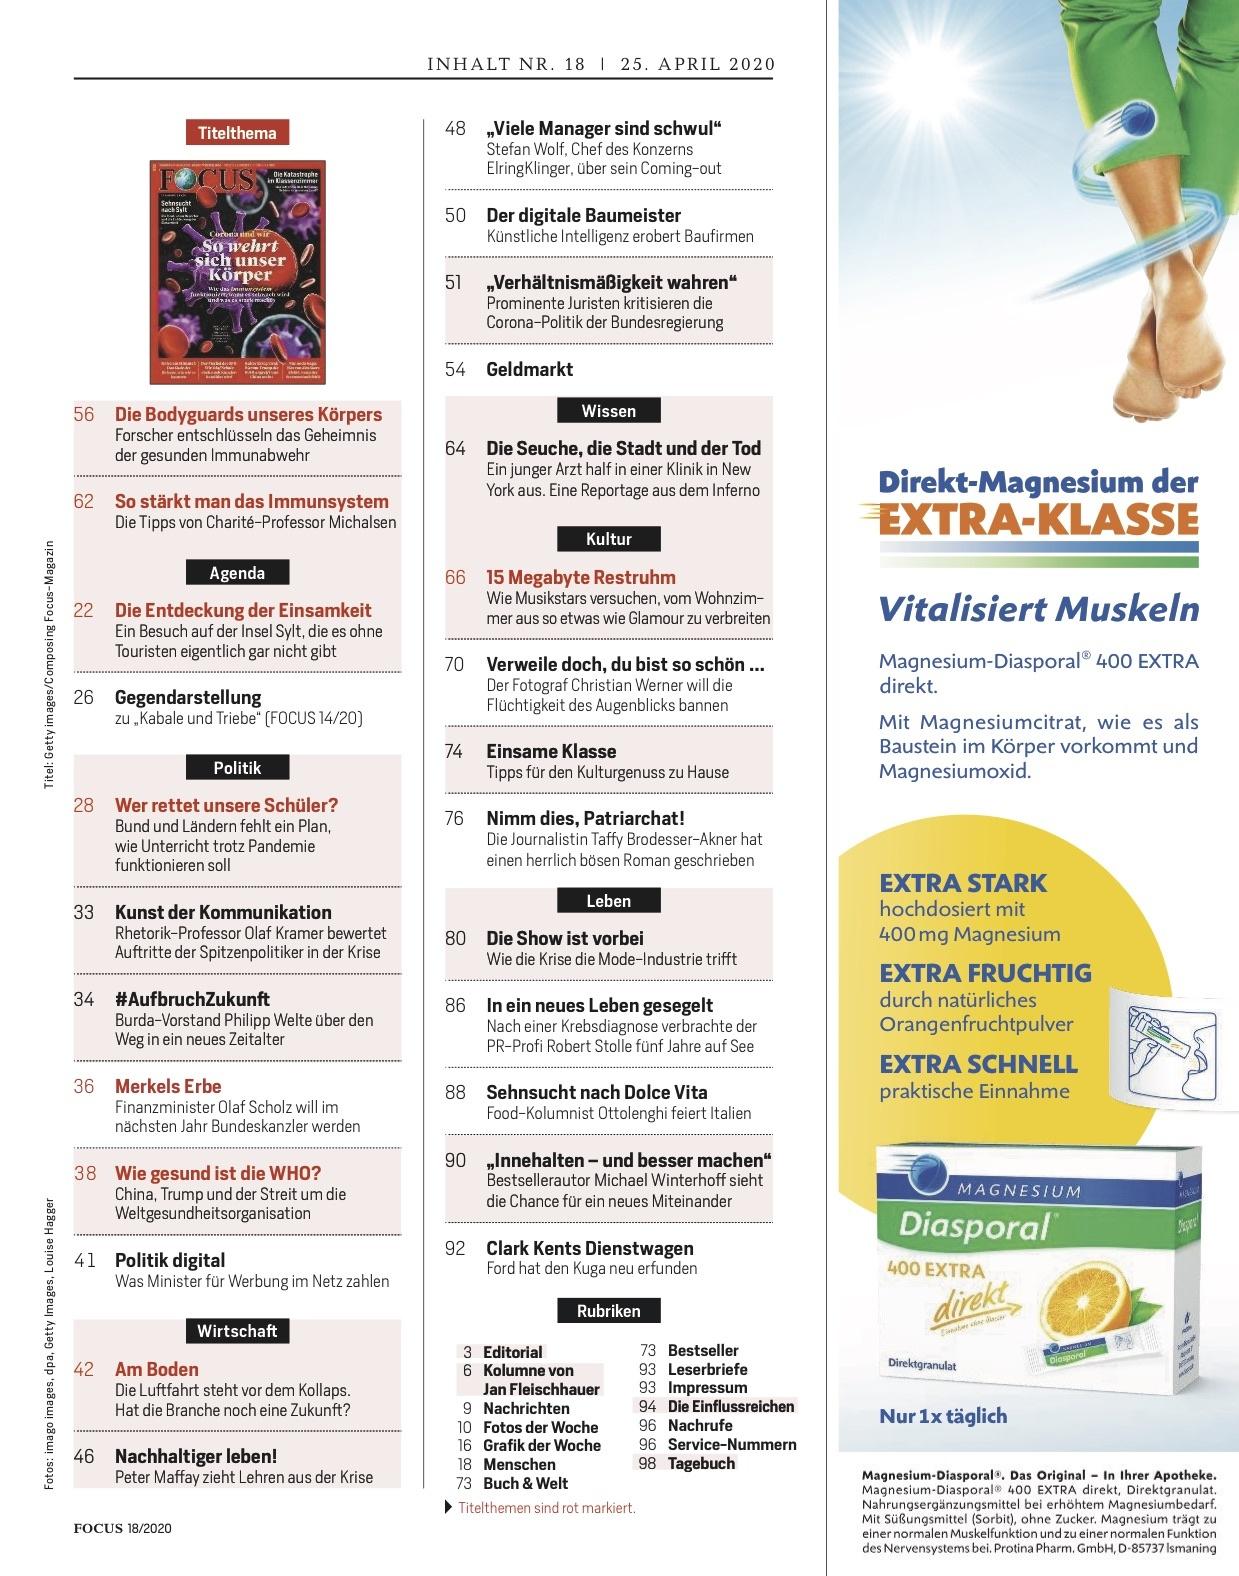 FOCUS Magazin FOCUS Magazin - So wehrt sich unser Körper